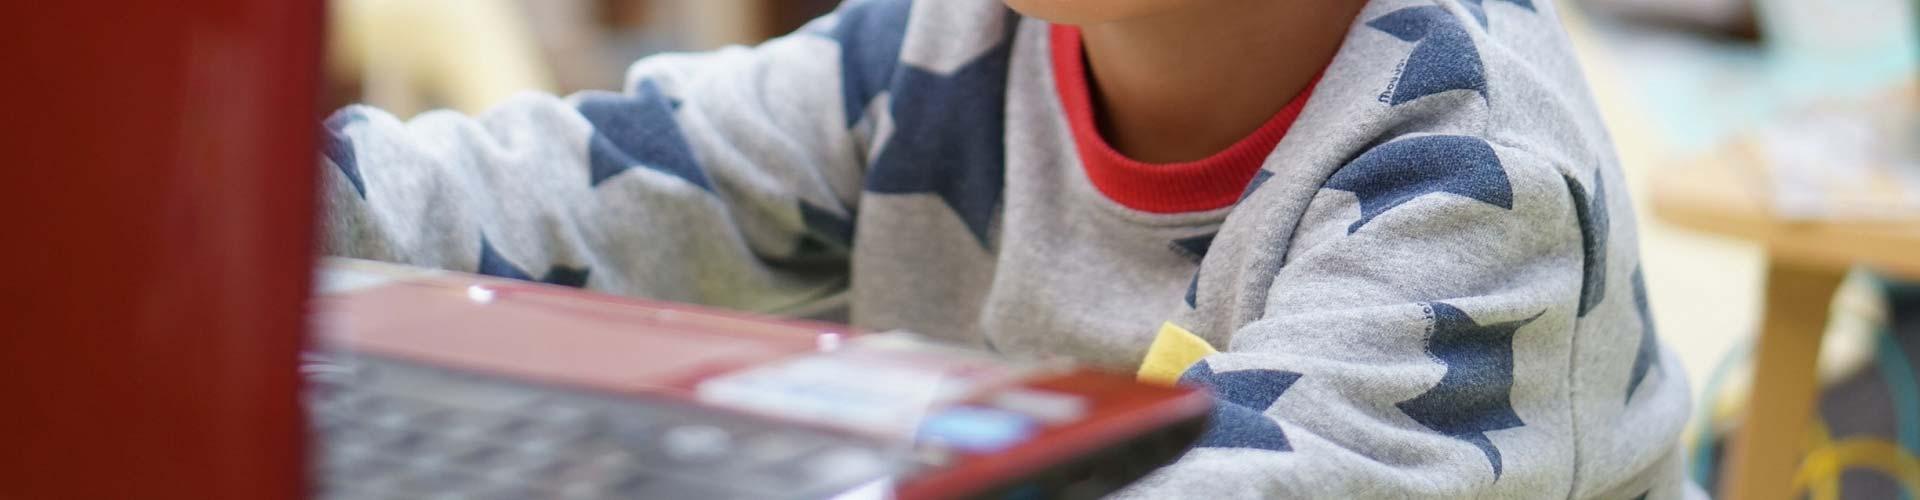 2020年度、小学校でプログラミング教育が始まるとどうなる?